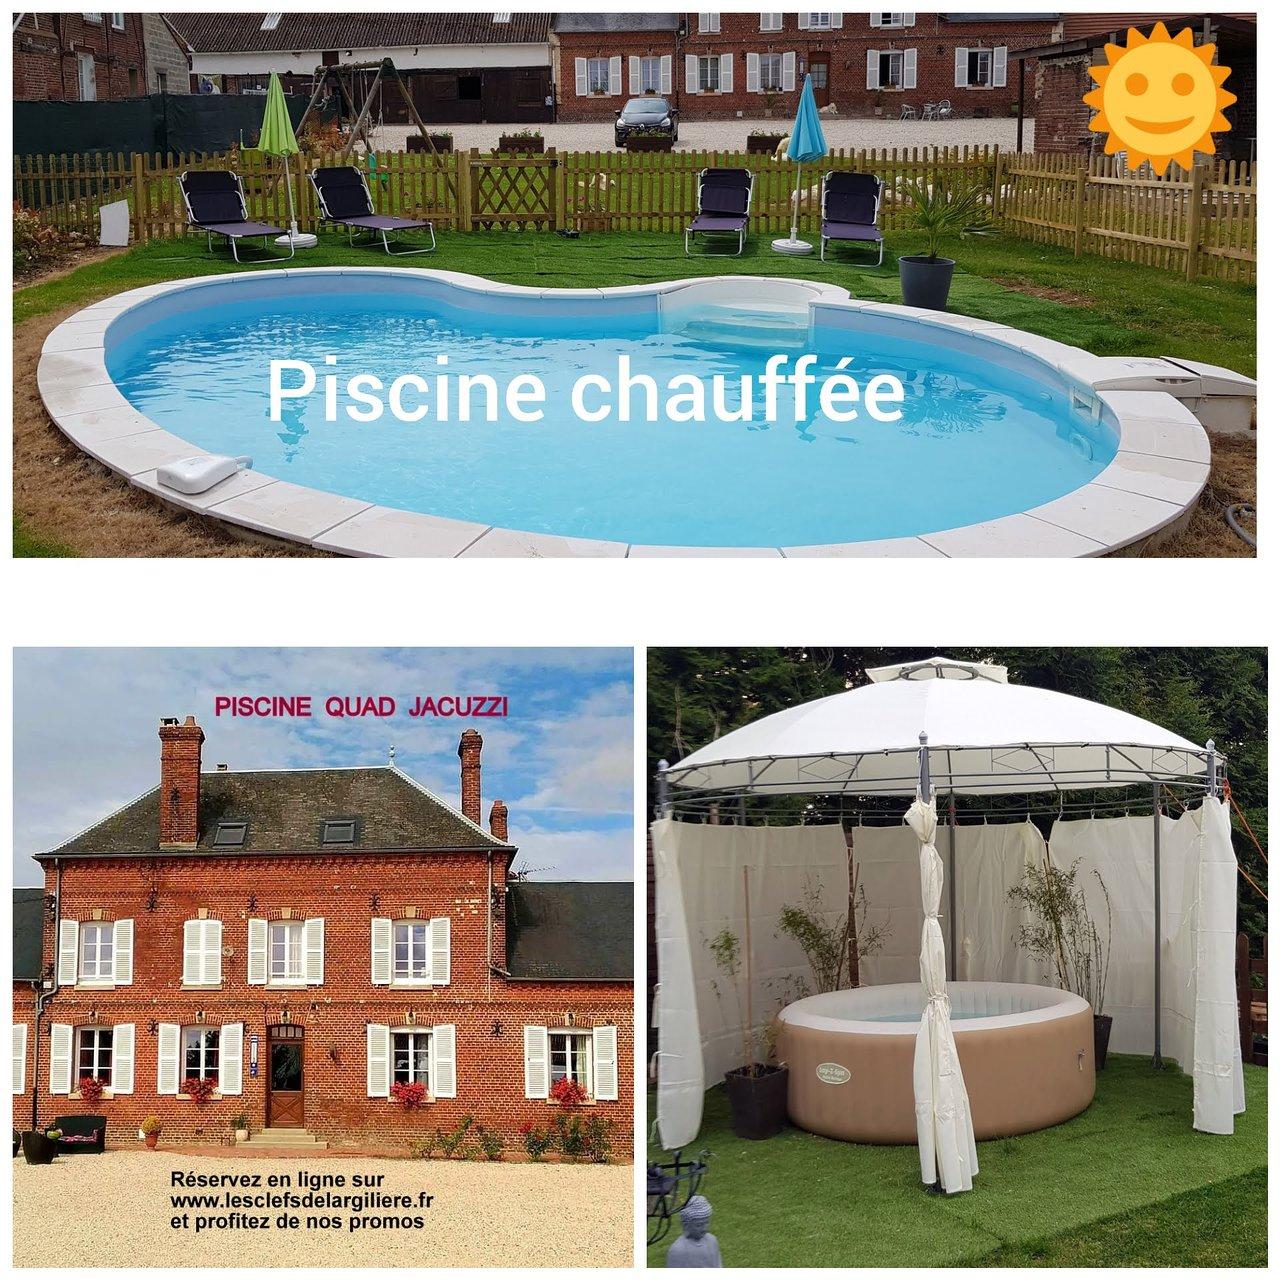 Les Clefs De L Argiliere $94 ($̶1̶0̶4̶) - Prices & Guest ... serapportantà Piscine Liancourt